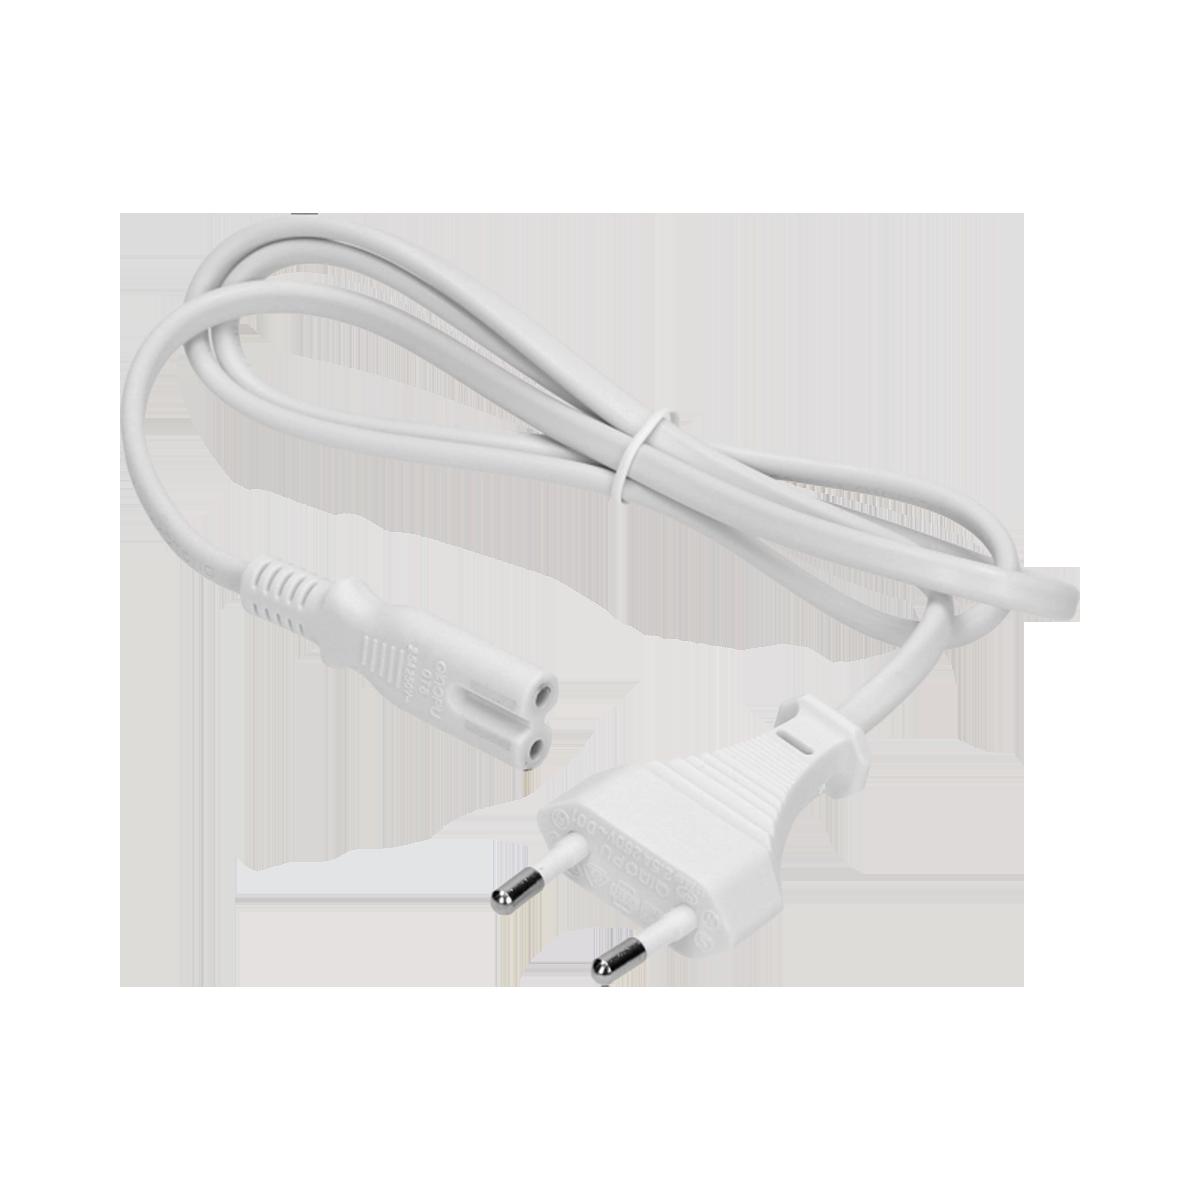 Przewód zasilający do oprawy NOTUS LED. Kompatybilny z: OR-OL-6099LZM4, OR-OL-6100LZM4, OR-OL-6101LZM4, OR-OL-6102LZM4